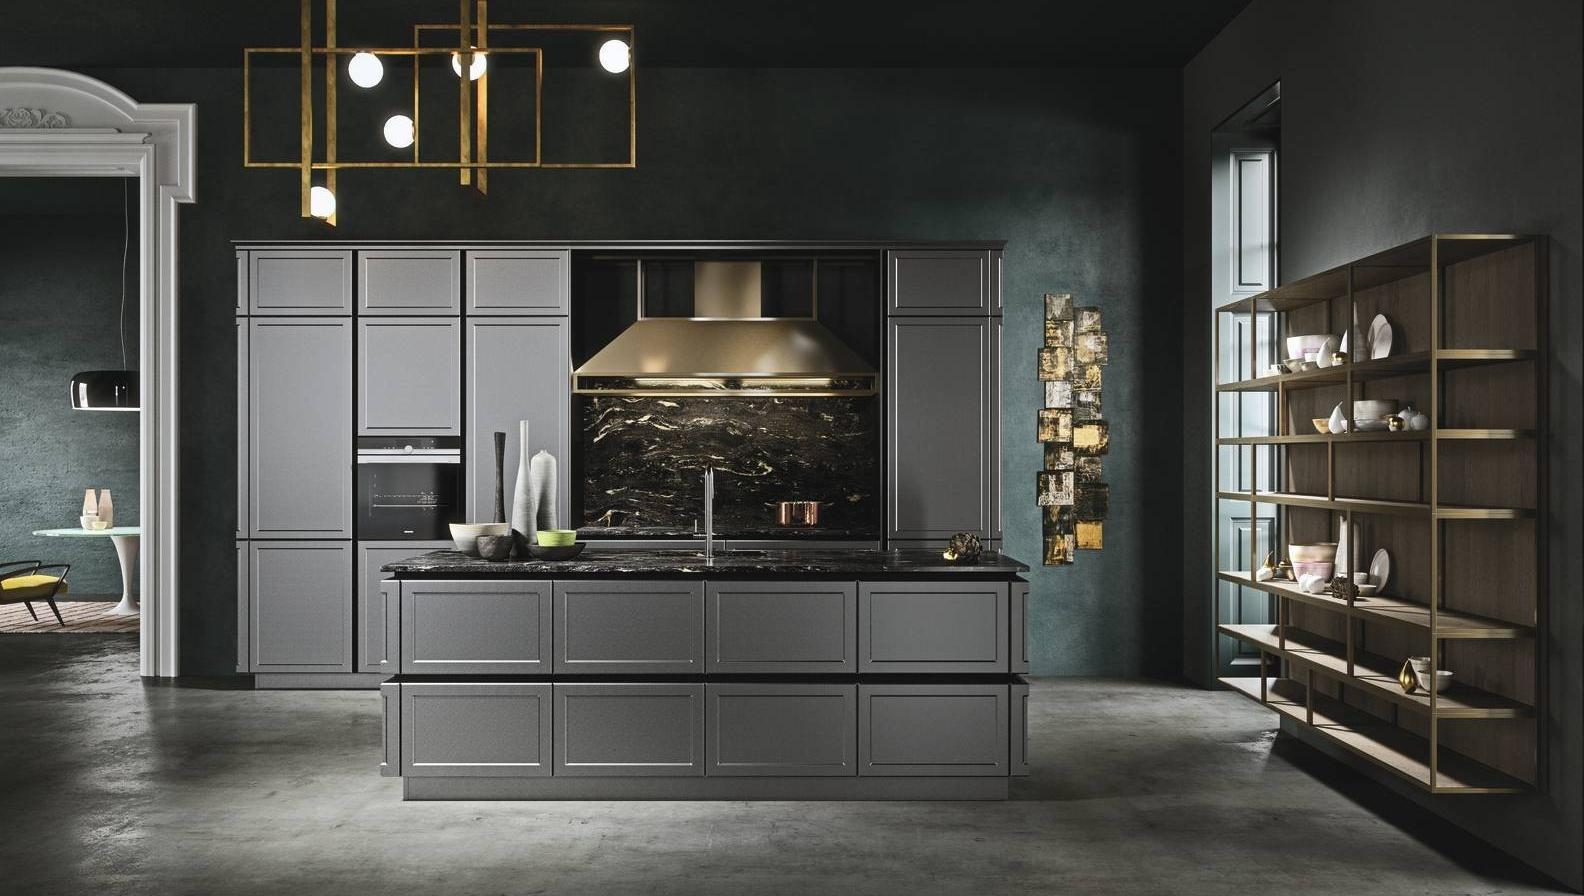 Snaidero cucina frame grigio piombo 1 cucine con top extra - Top cucina grigio ...